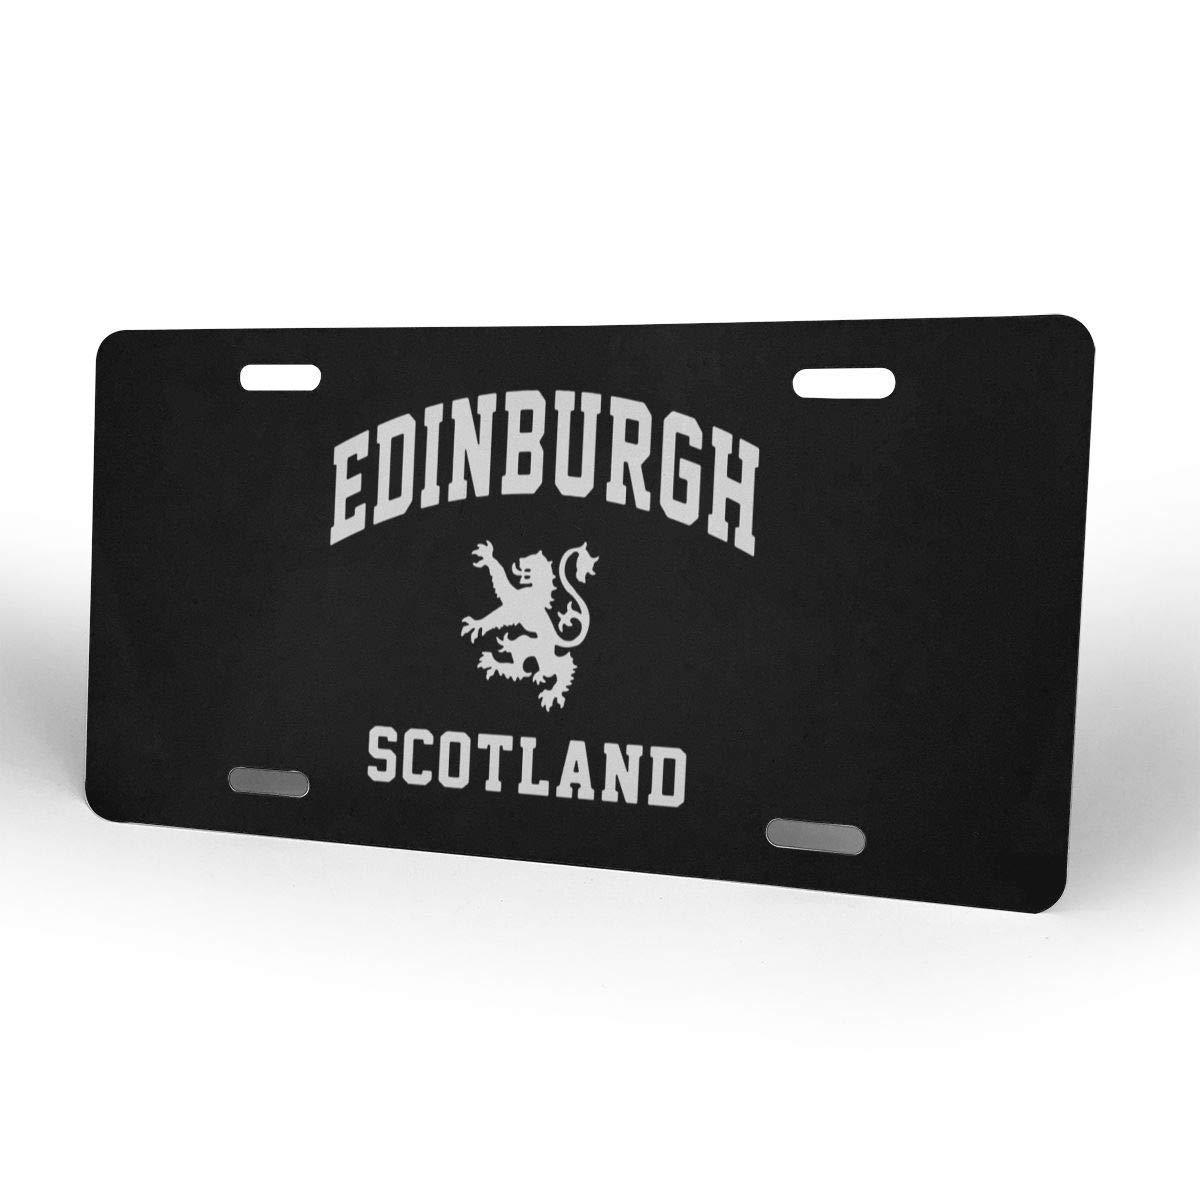 6 X 12 Inch mchmcgm Car Tag Etiqueta del Coche License Plate Personalized Aluminum License Plate Front License Plate Edinburgh Scottish